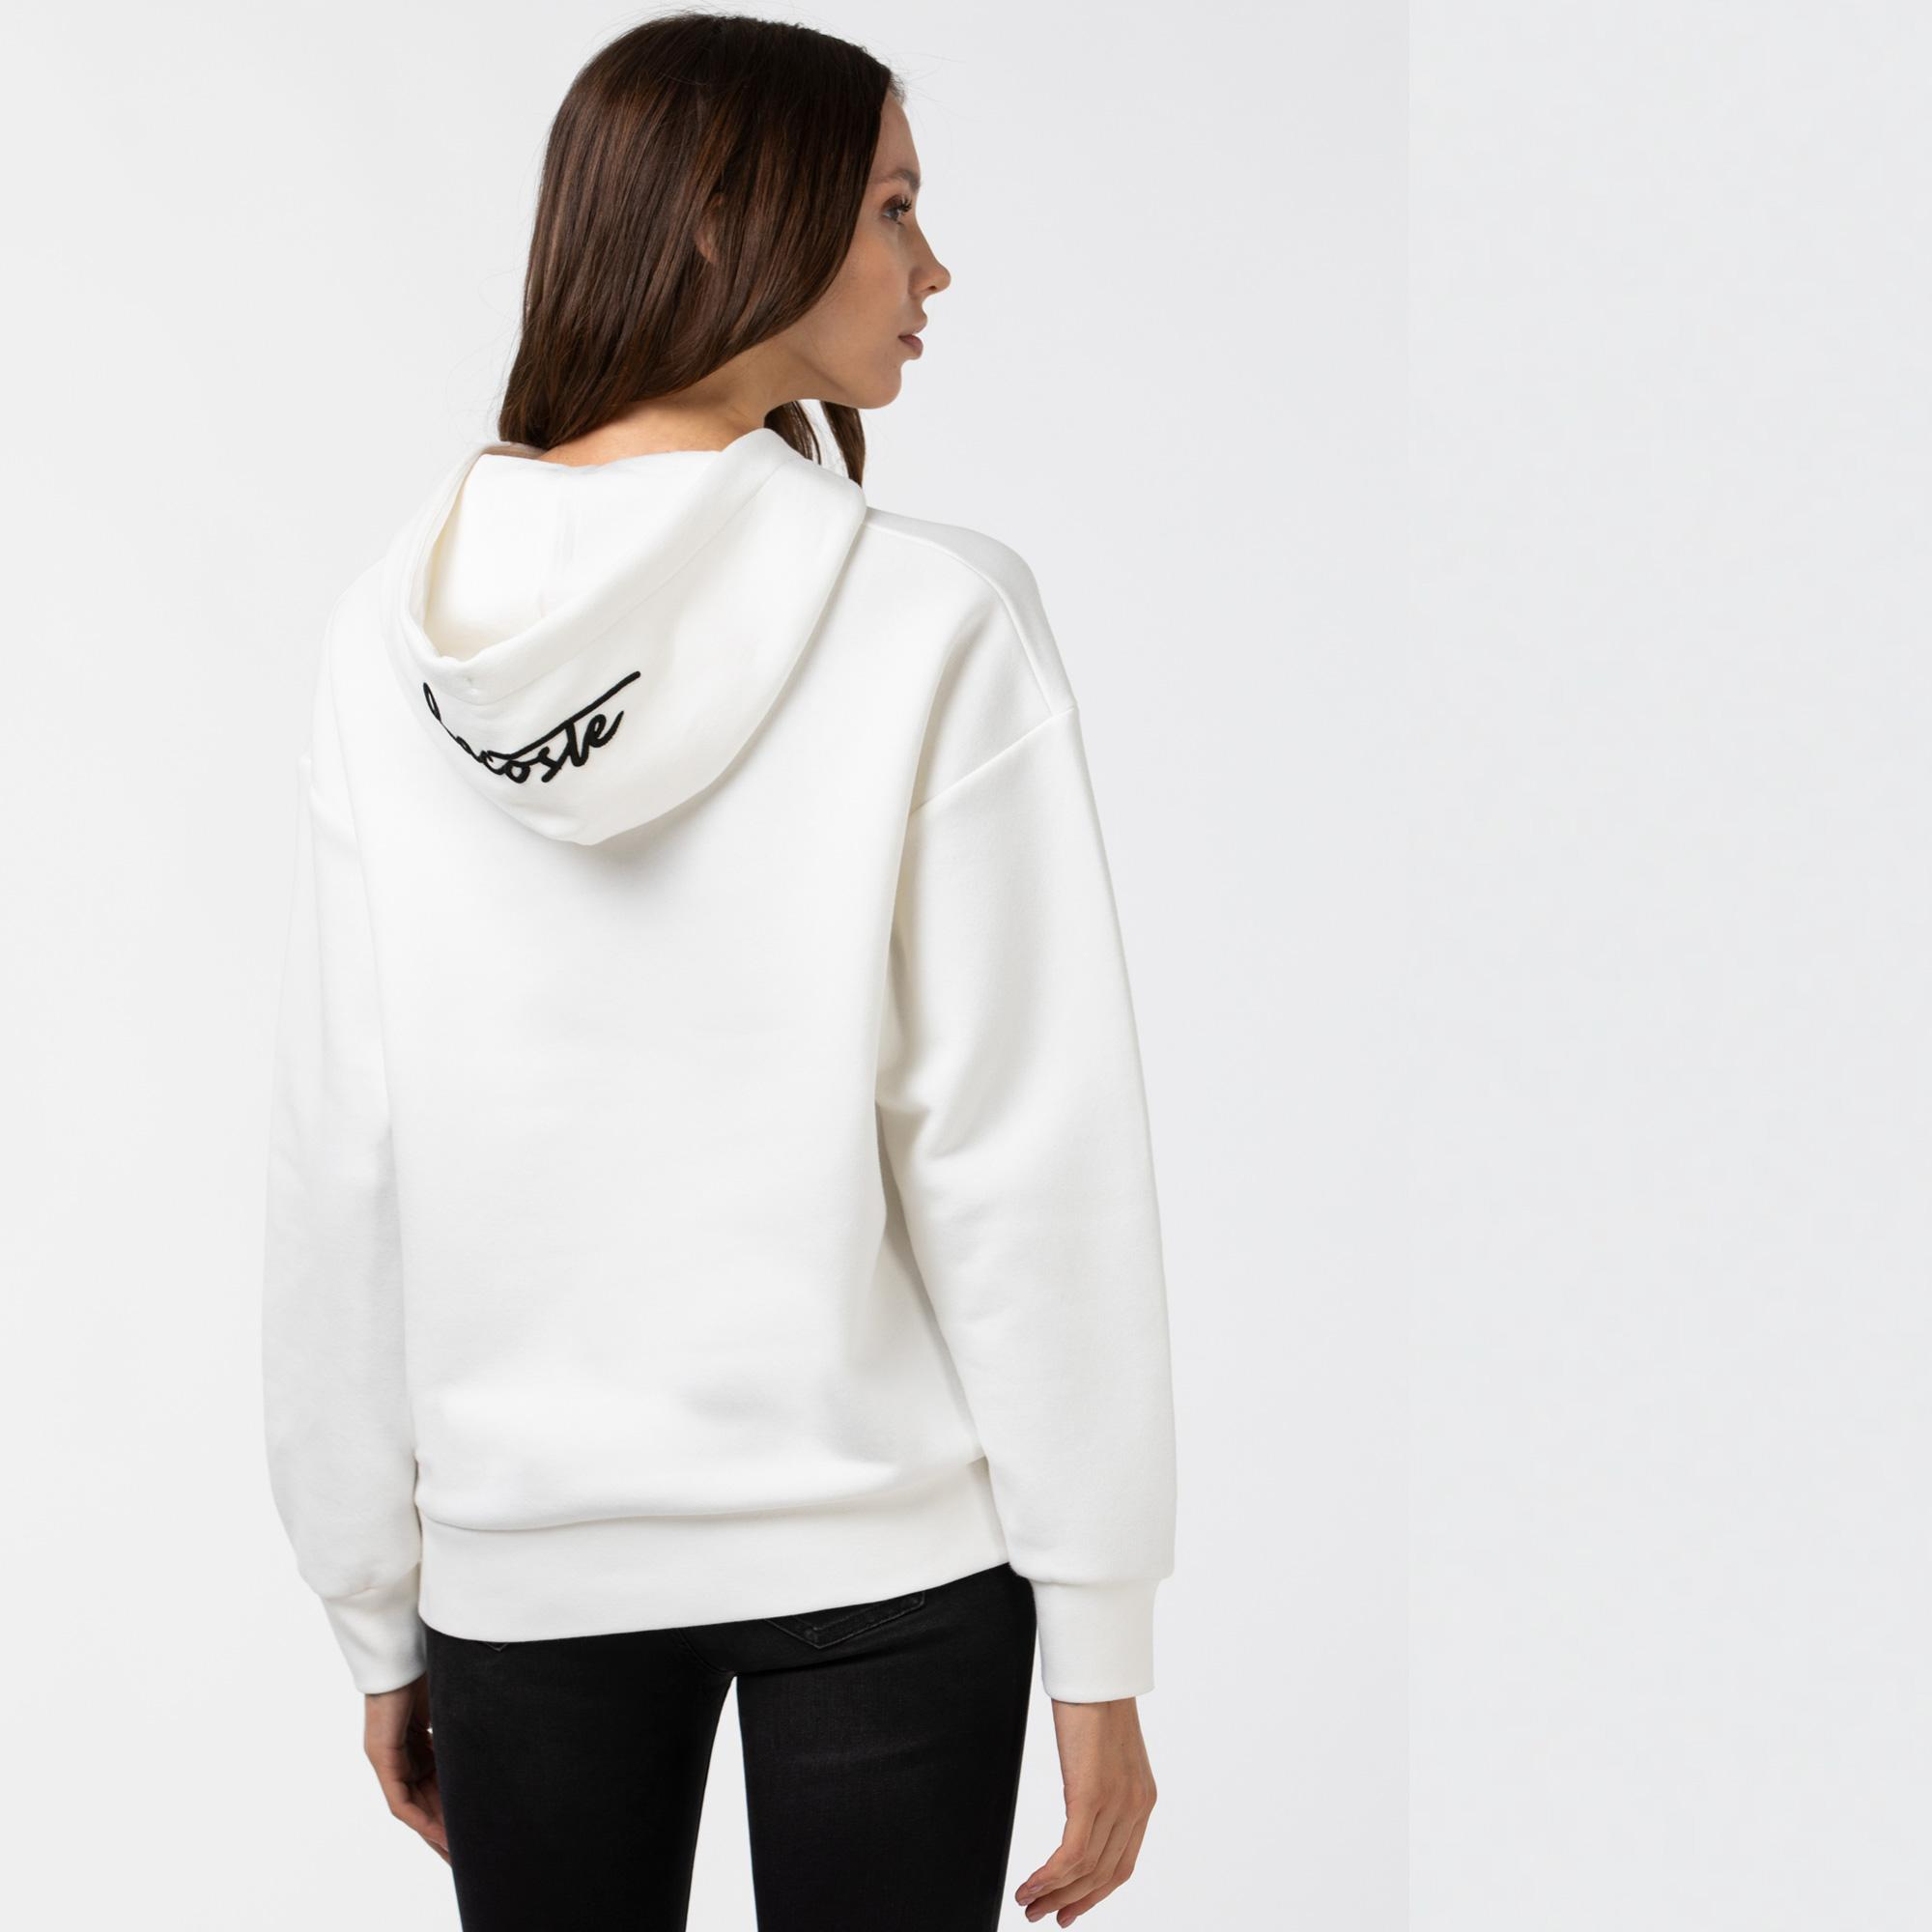 Lacoste Kadın Baskılı Kapüşonlu Beyaz Sweatshirt